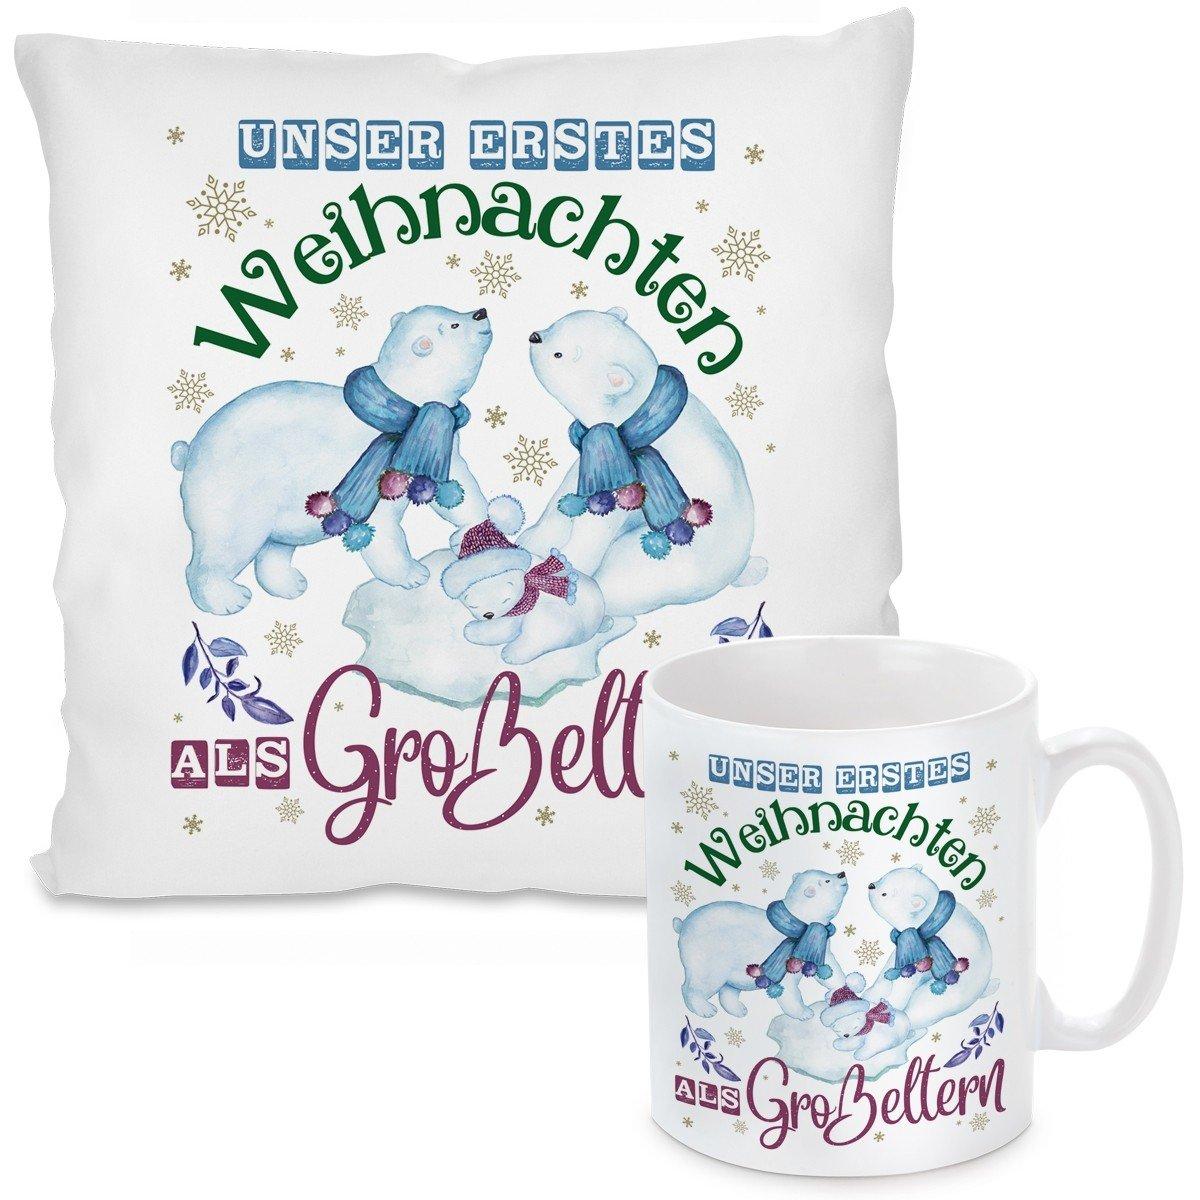 Kissen oder Tasse mit Motiv - Unser erstes Weihnachten als Großeltern.